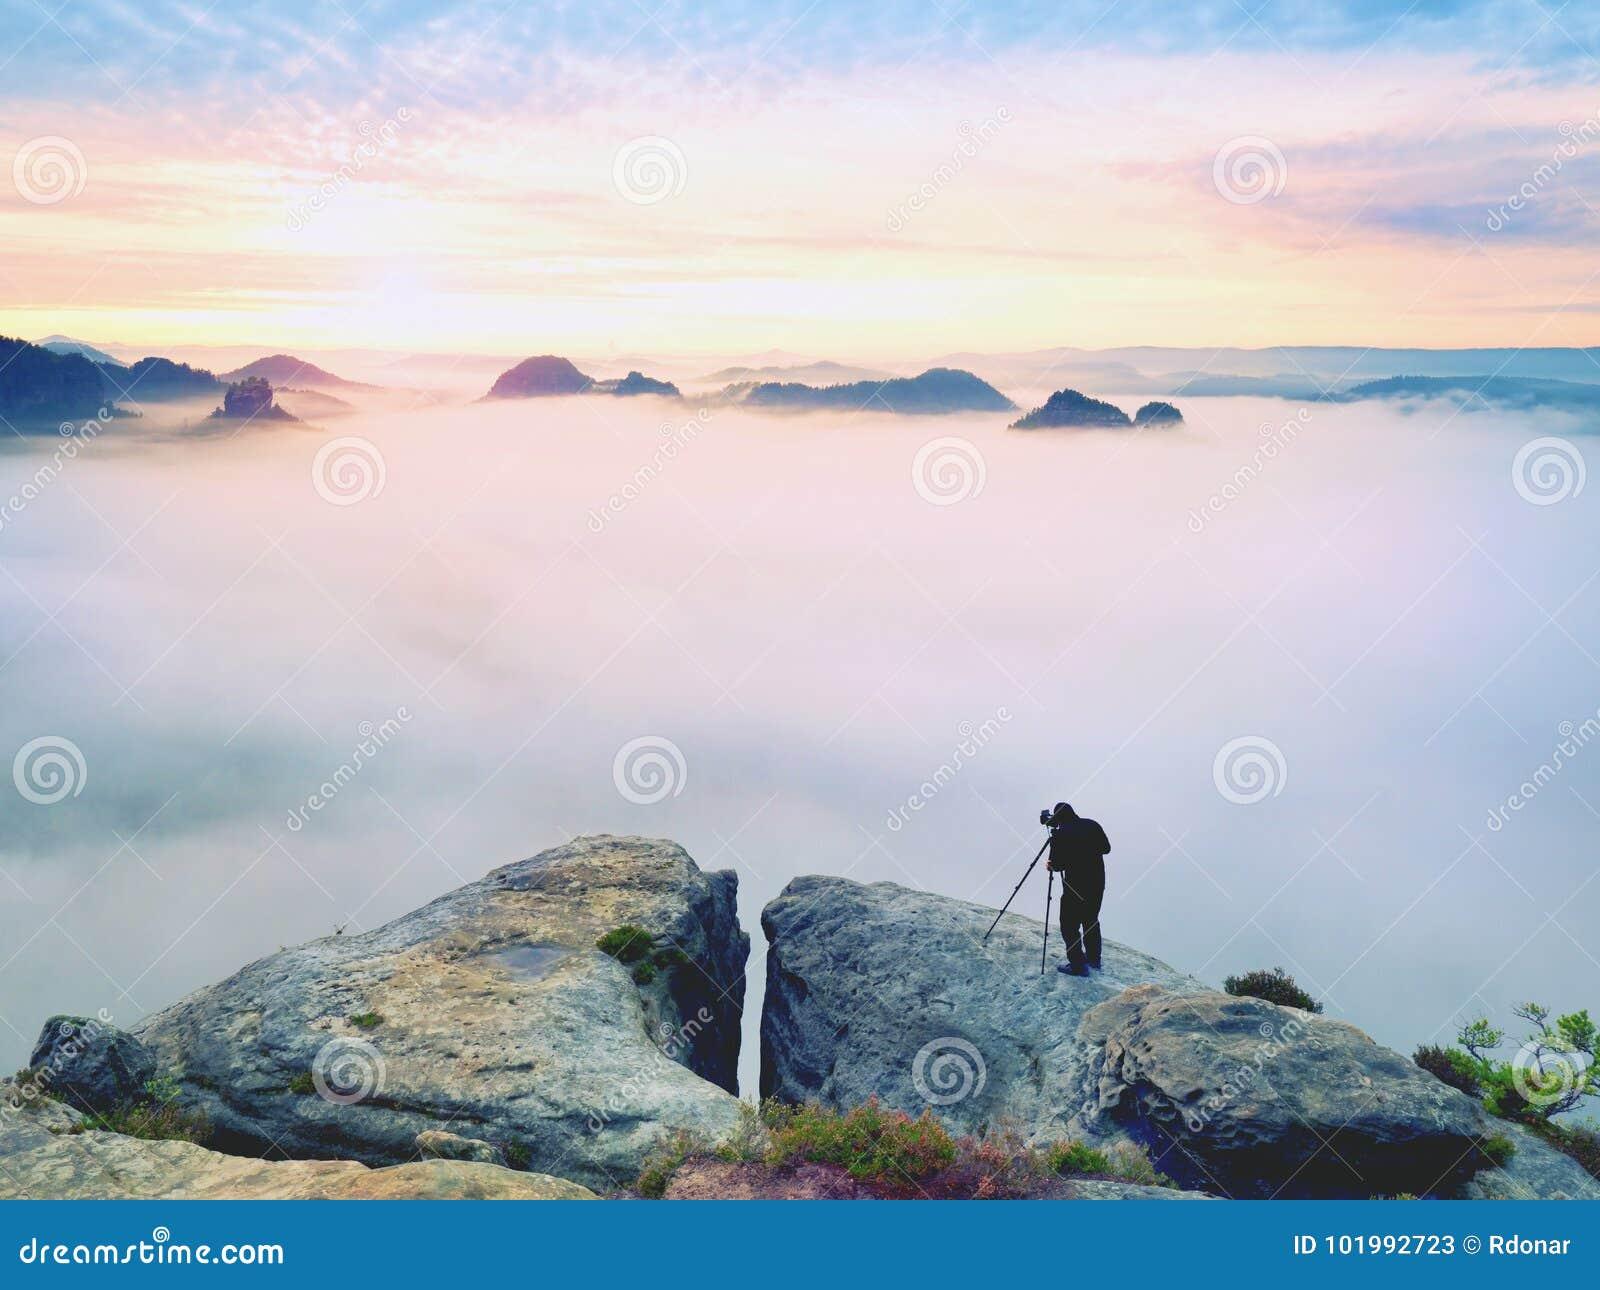 Профессионал на скале Фотограф природы принимает фото с камерой зеркала на пике утеса Мечтательный туман